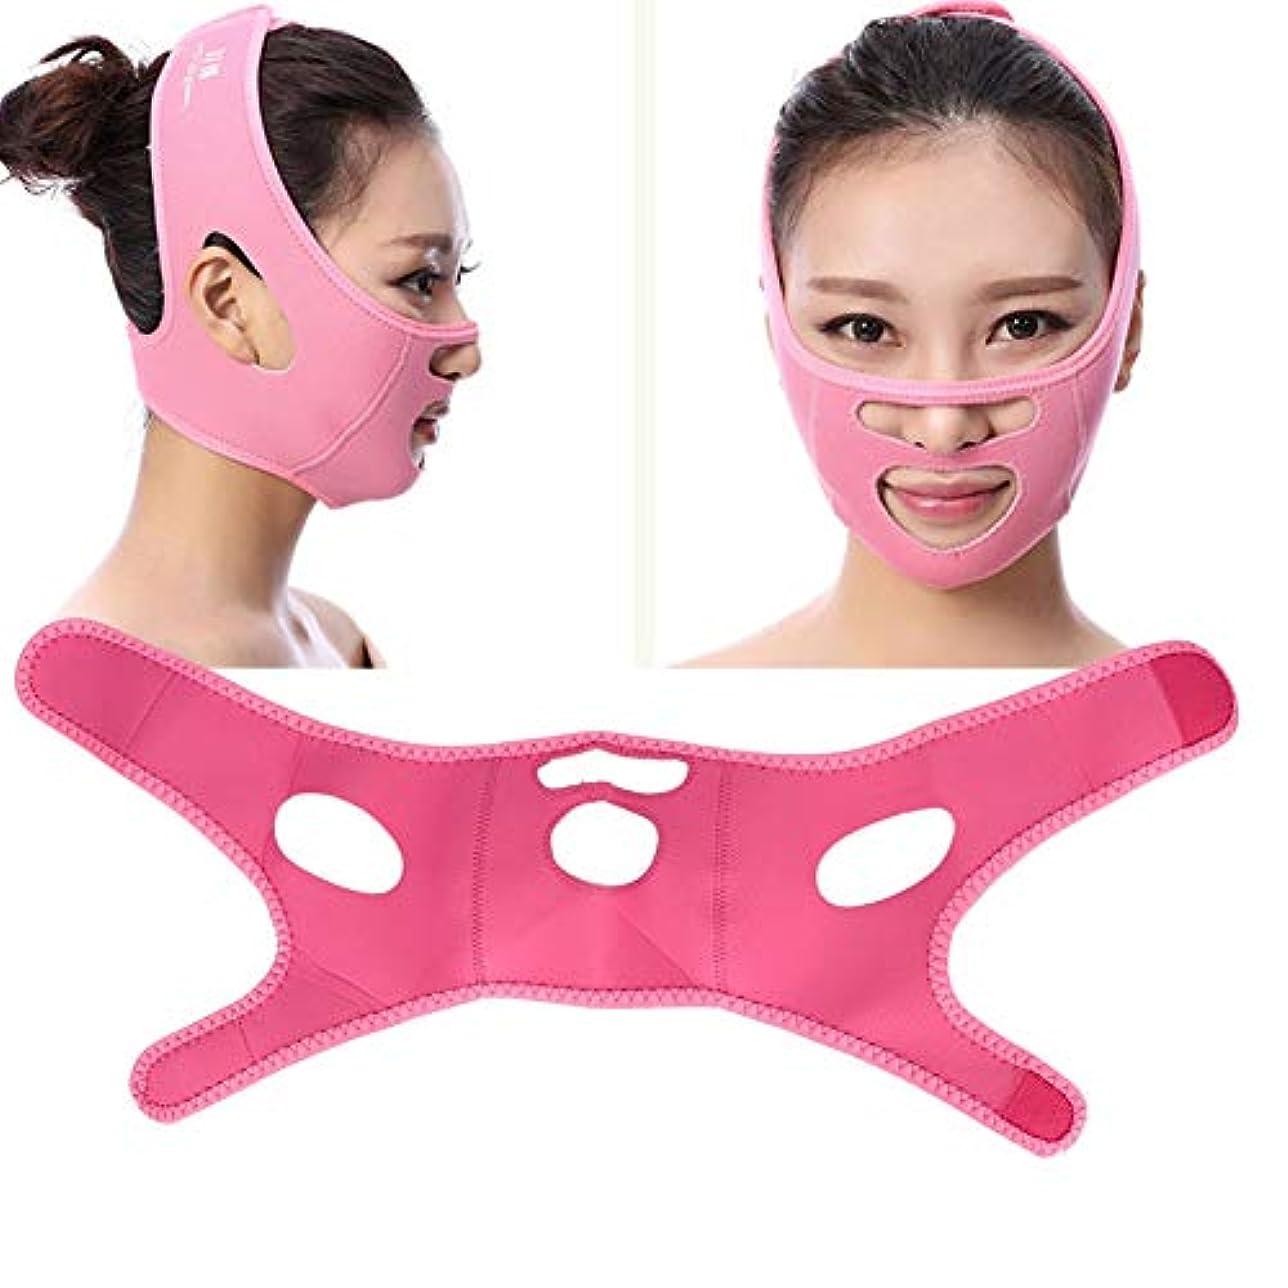 組み込む塩辛い近代化スリミングマスク - V字型マスク、フェイスマスクV型 - 首とあごを持ち上げるため、アンチエイジング、しわを軽減